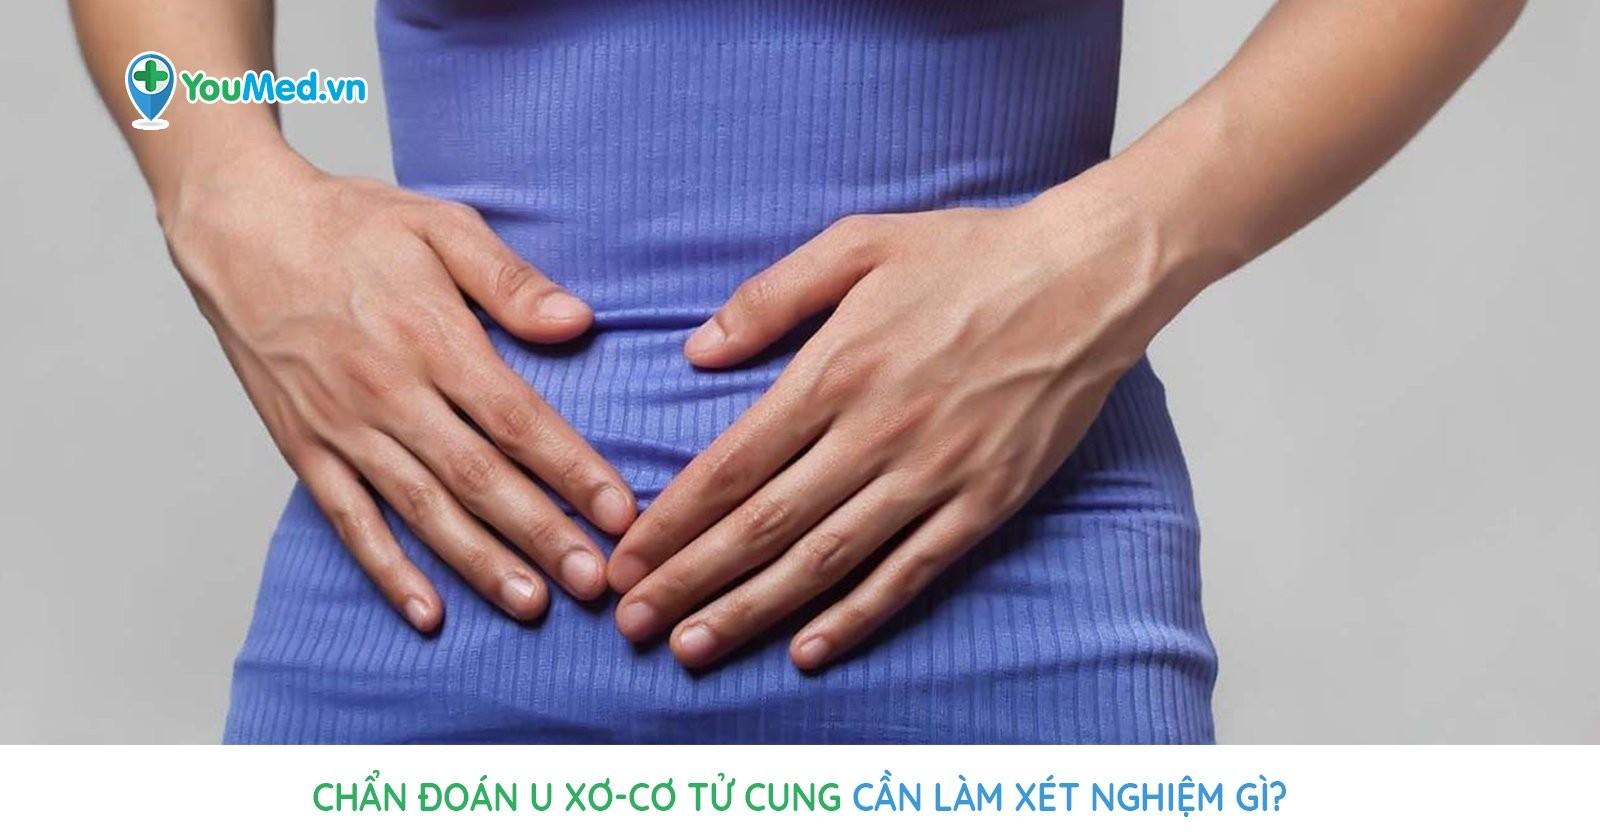 Những điều cần biết về xét nghiệm chẩn đoán u xơ-cơ tử cung